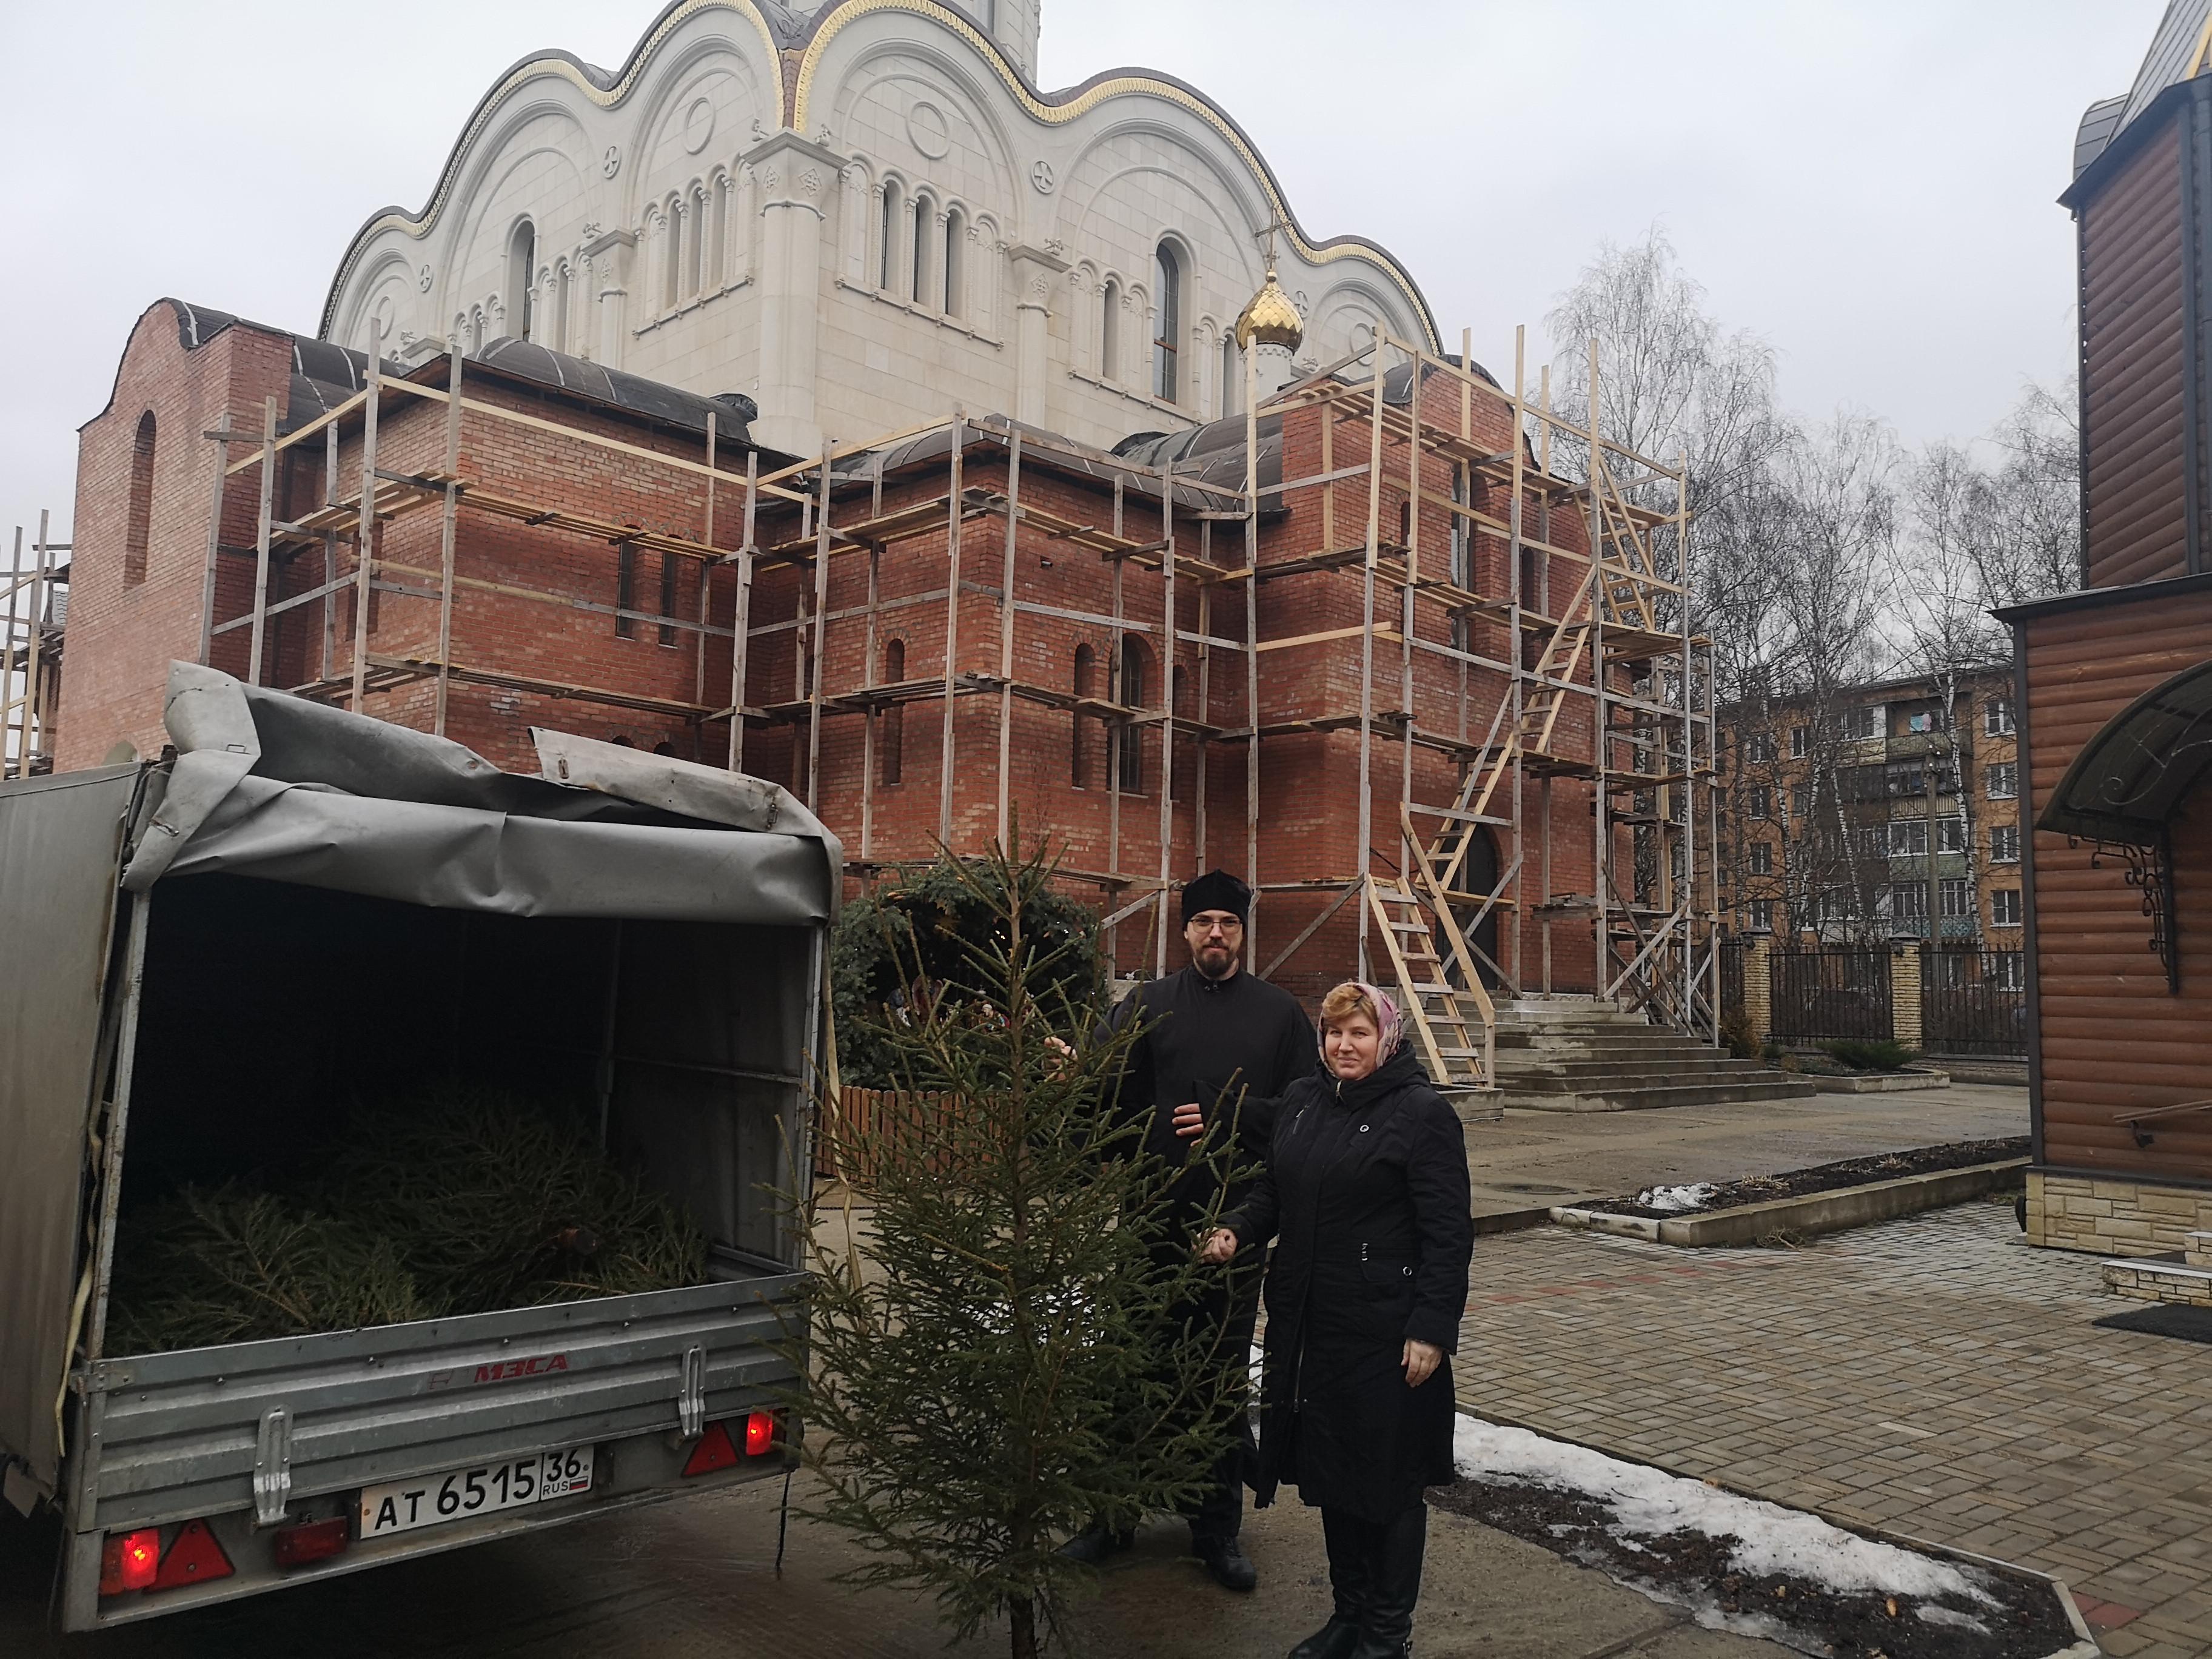 16 января приход храма иконы Божией Матери Неупиваемая Чаша Королёвского благочиния принял участие в экологической акции Подари своей ёлке вторую жизнь